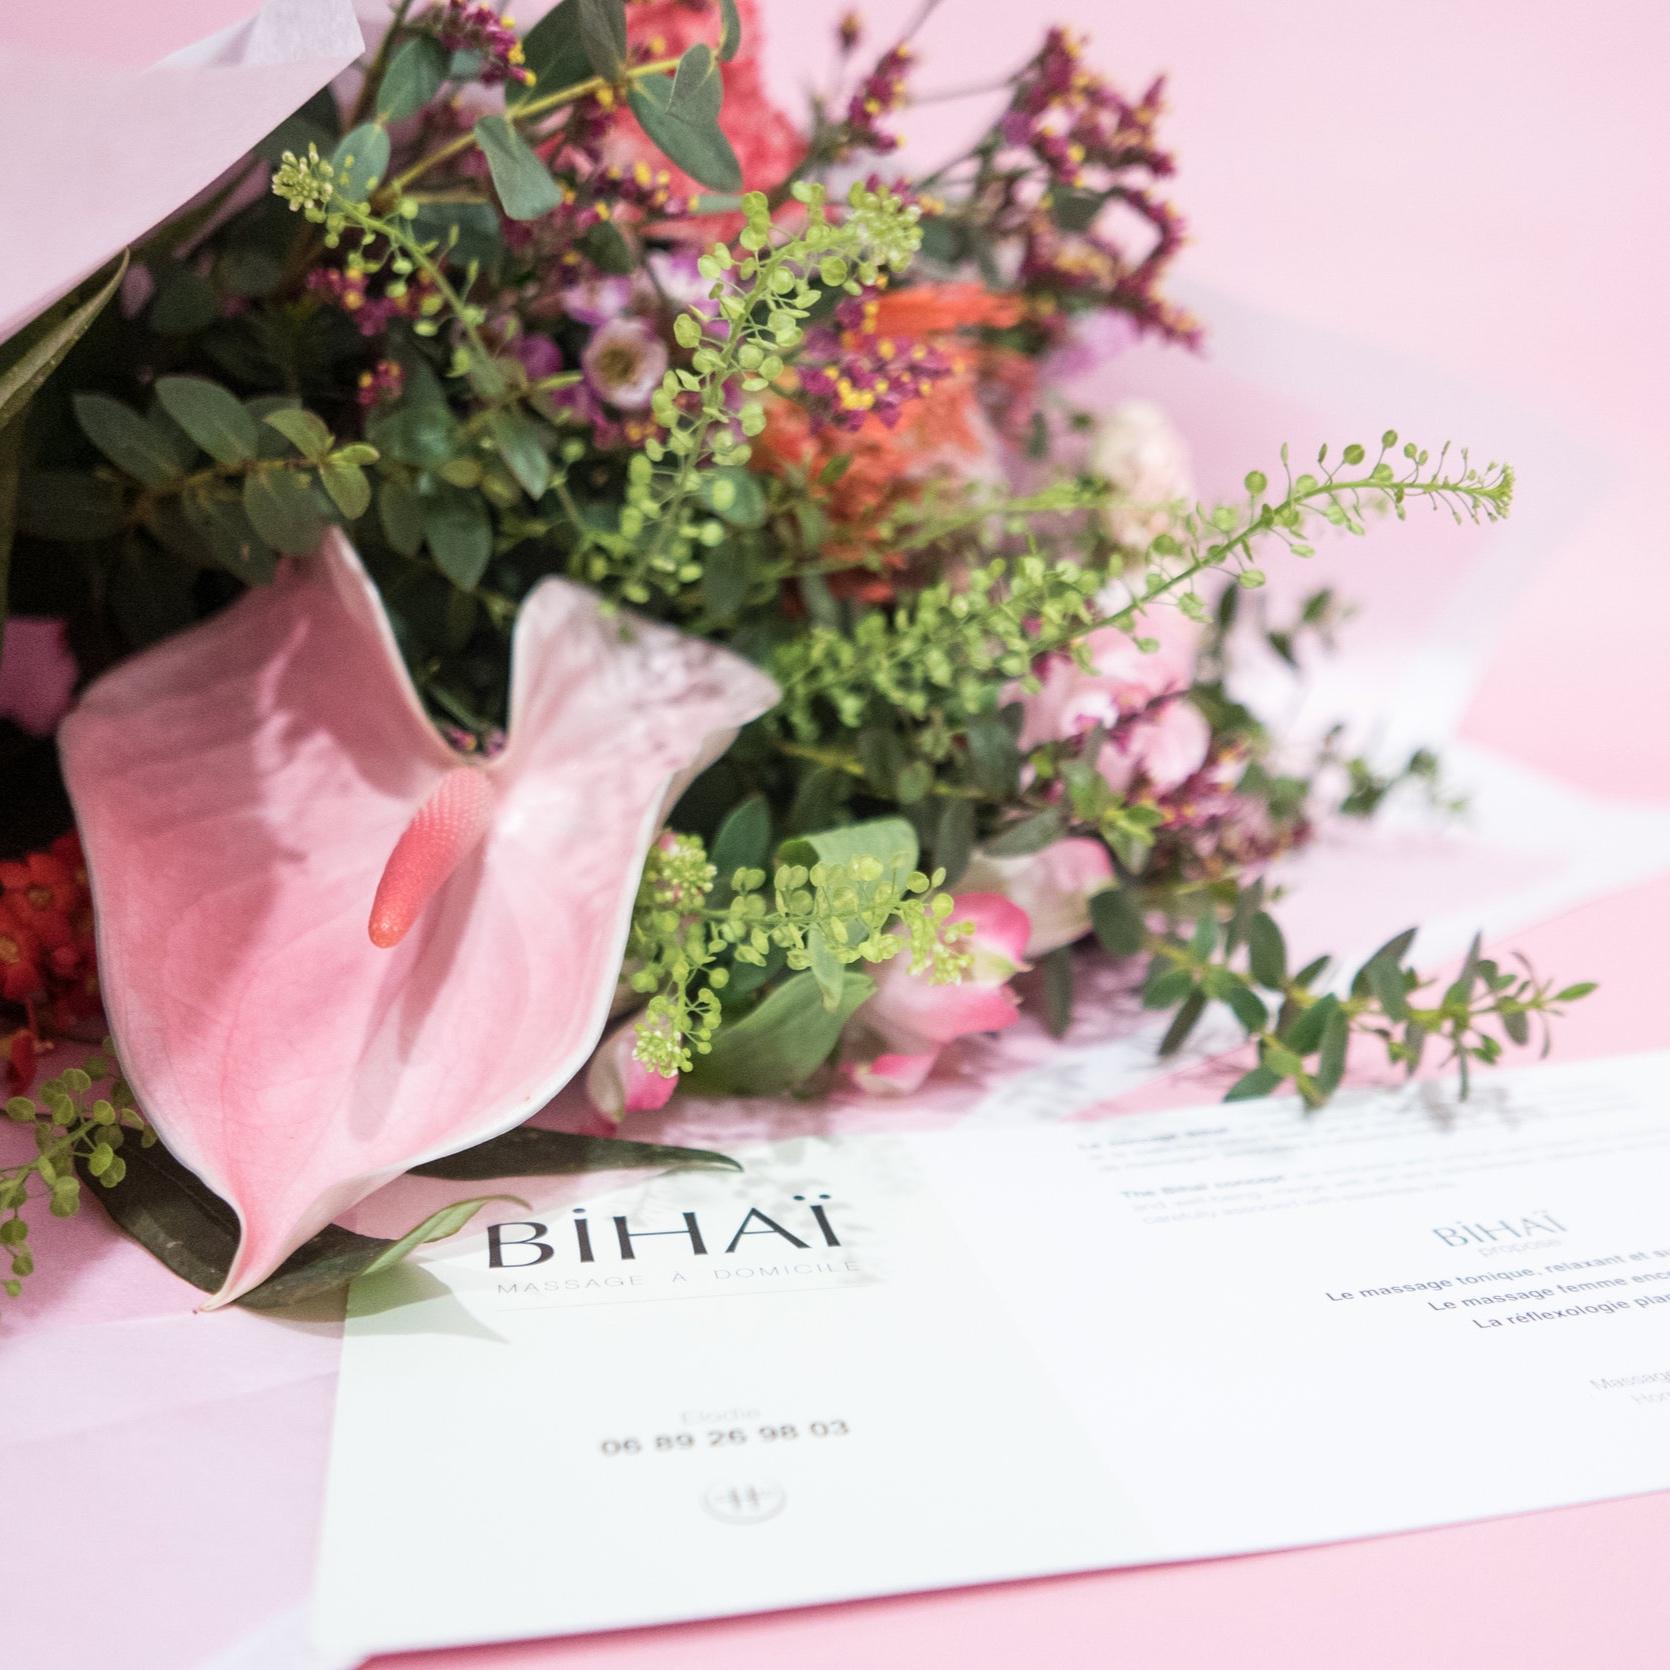 Bihai Massage - Un massage accompagné d'un bouquet pour la St Valentin